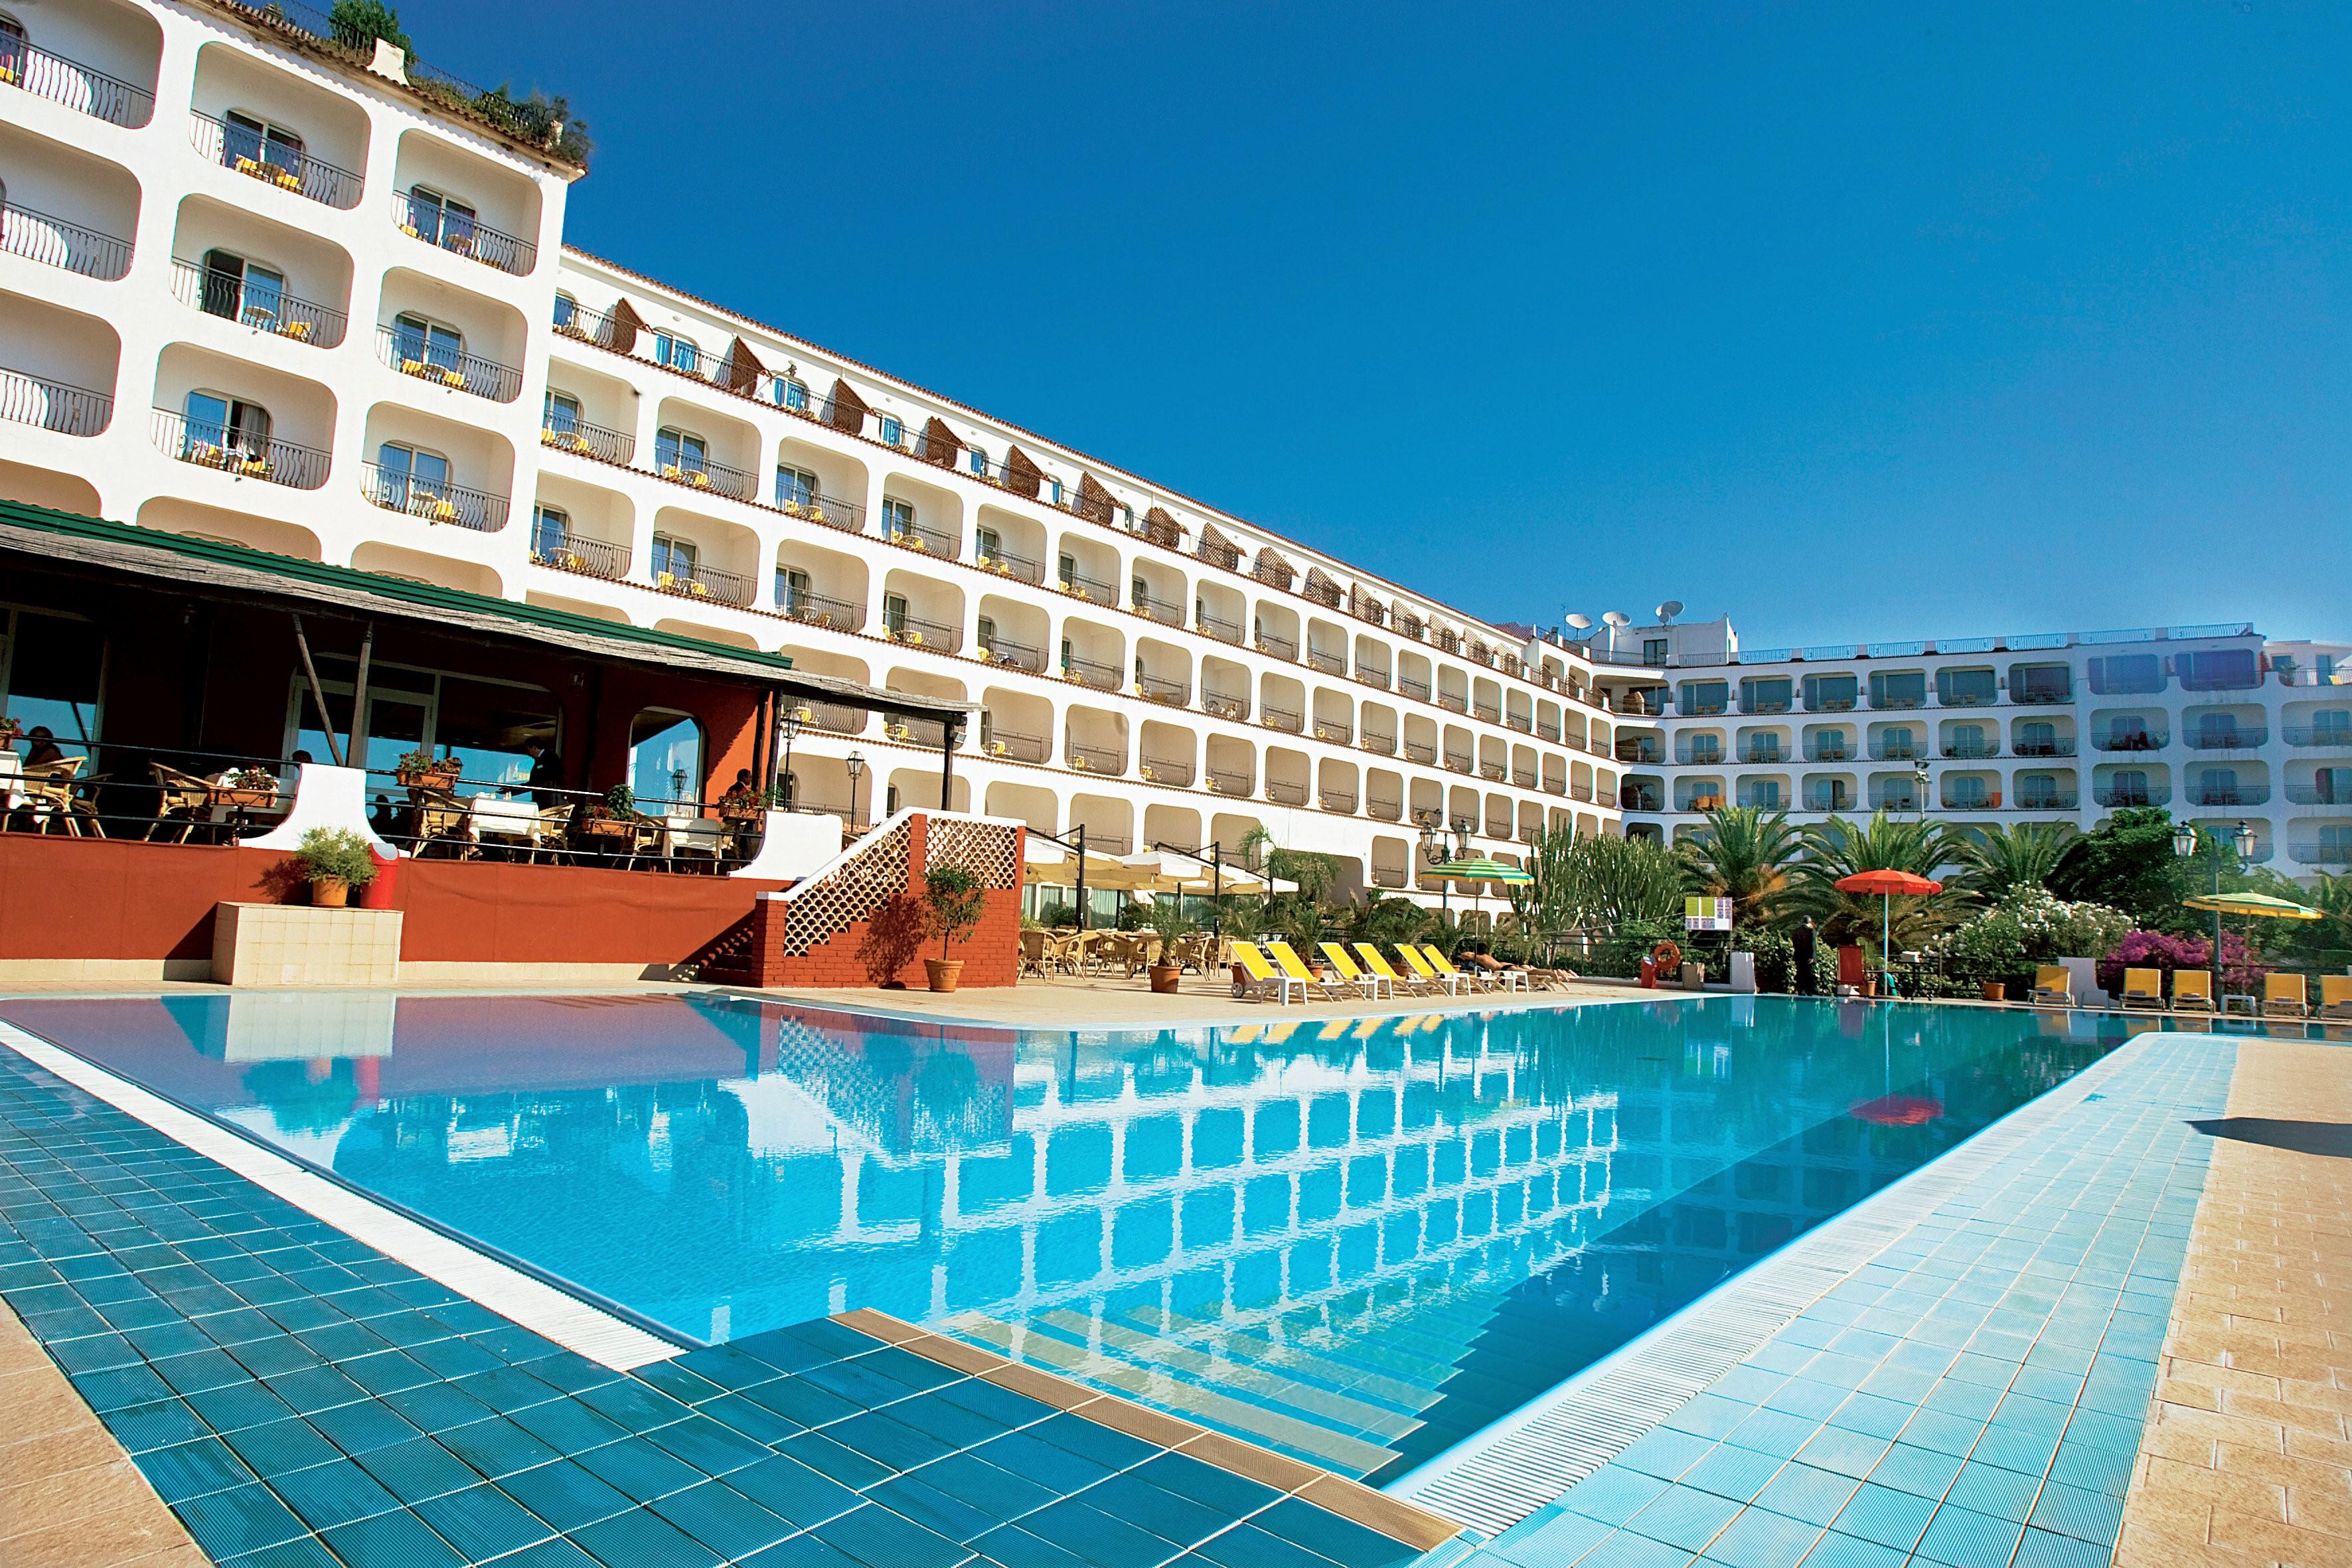 Hilton Giardini Naxos, Giardini Naxos, Olaszország - Vendégértékelések - HROS